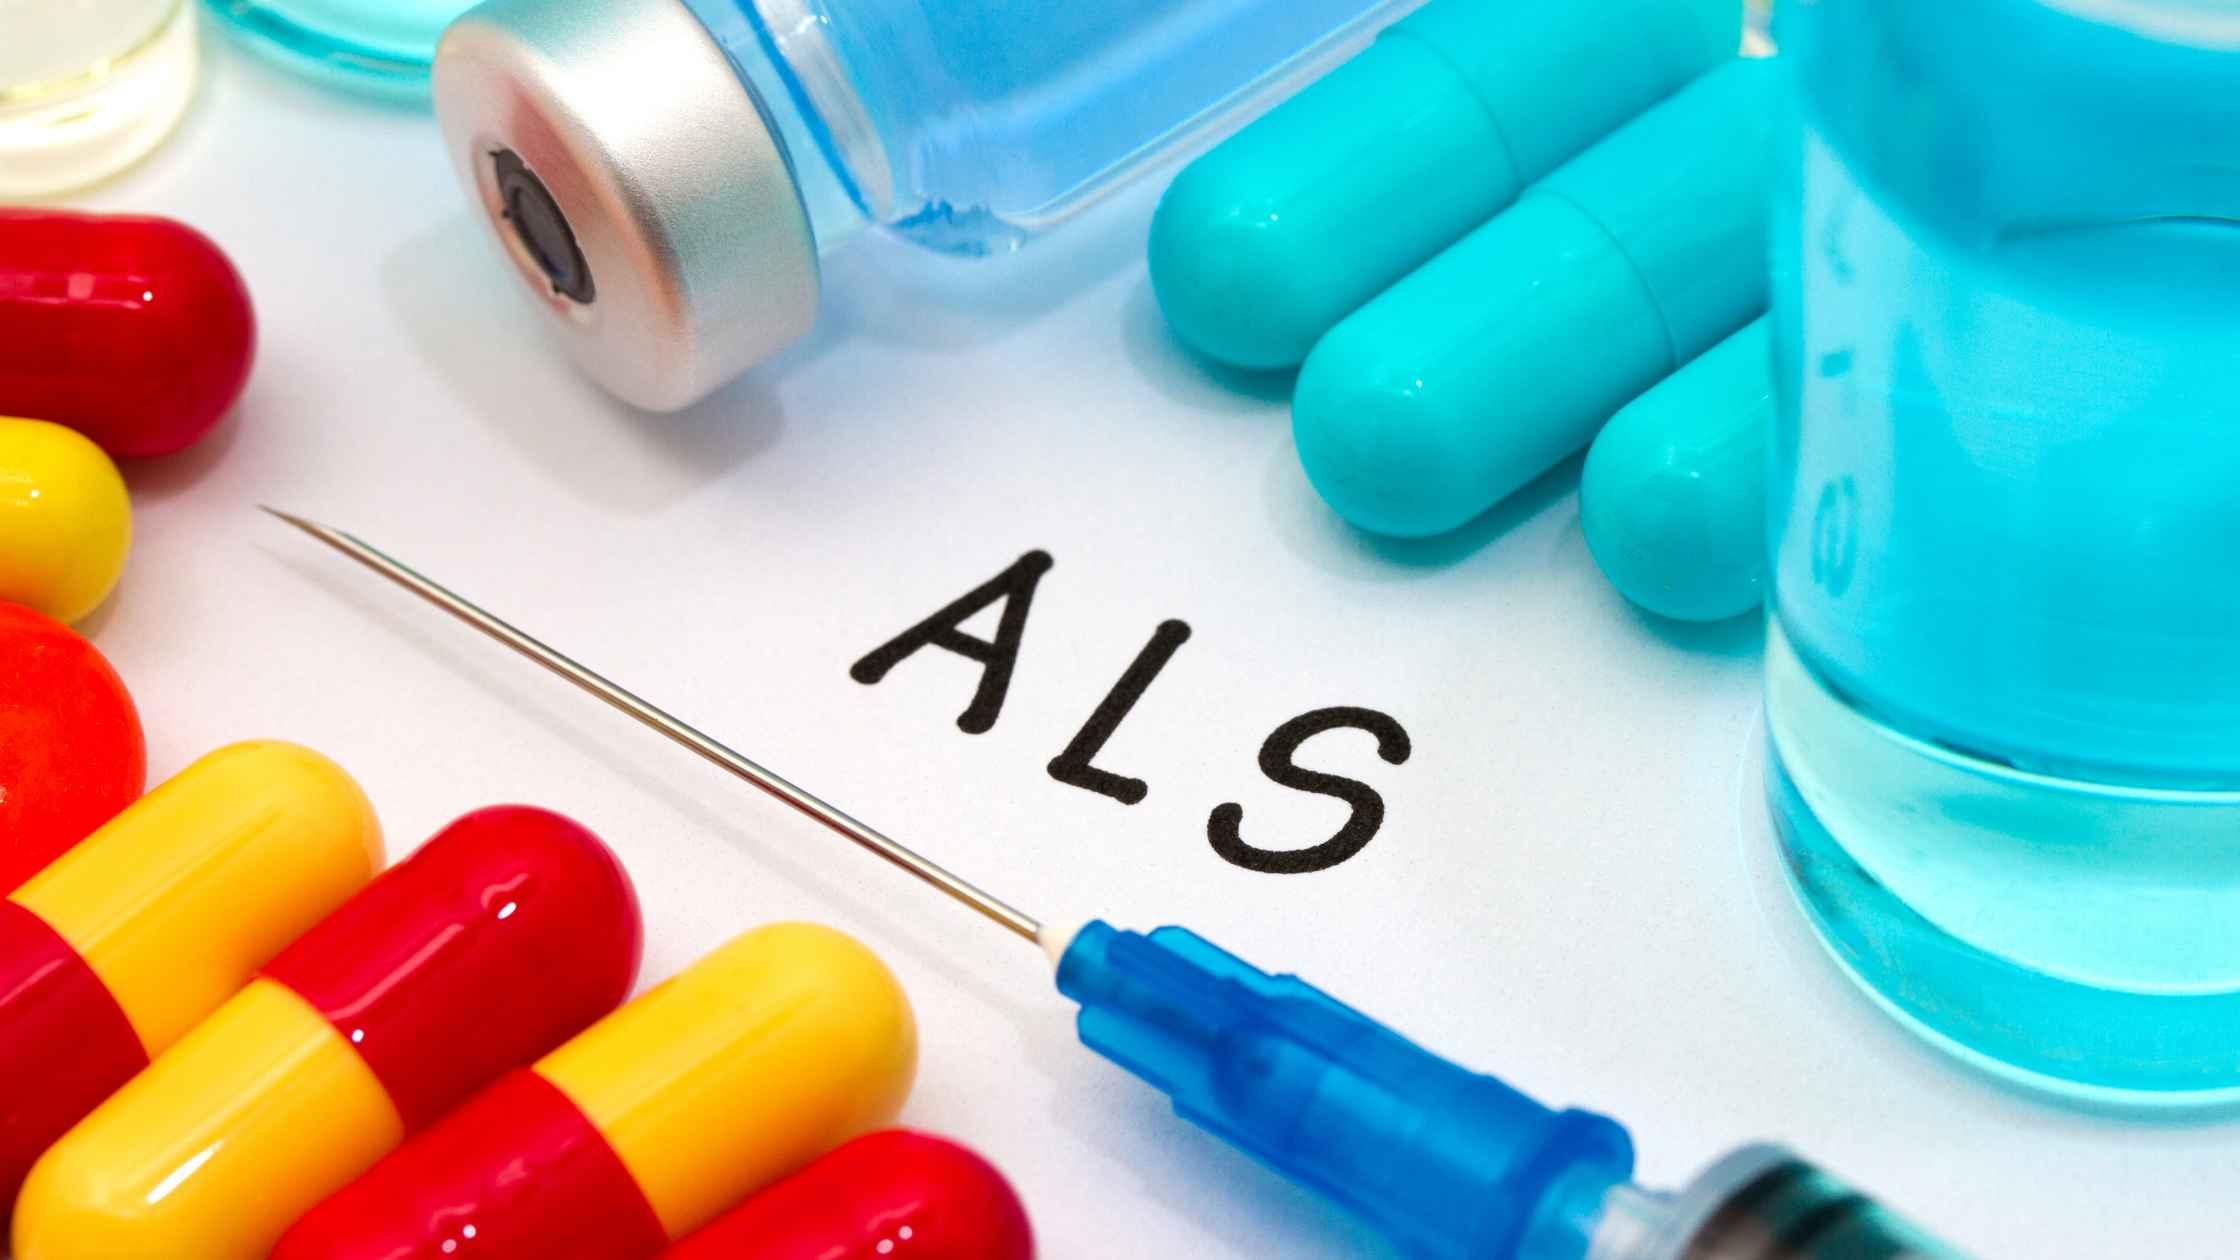 ALS Medicare Medicaid